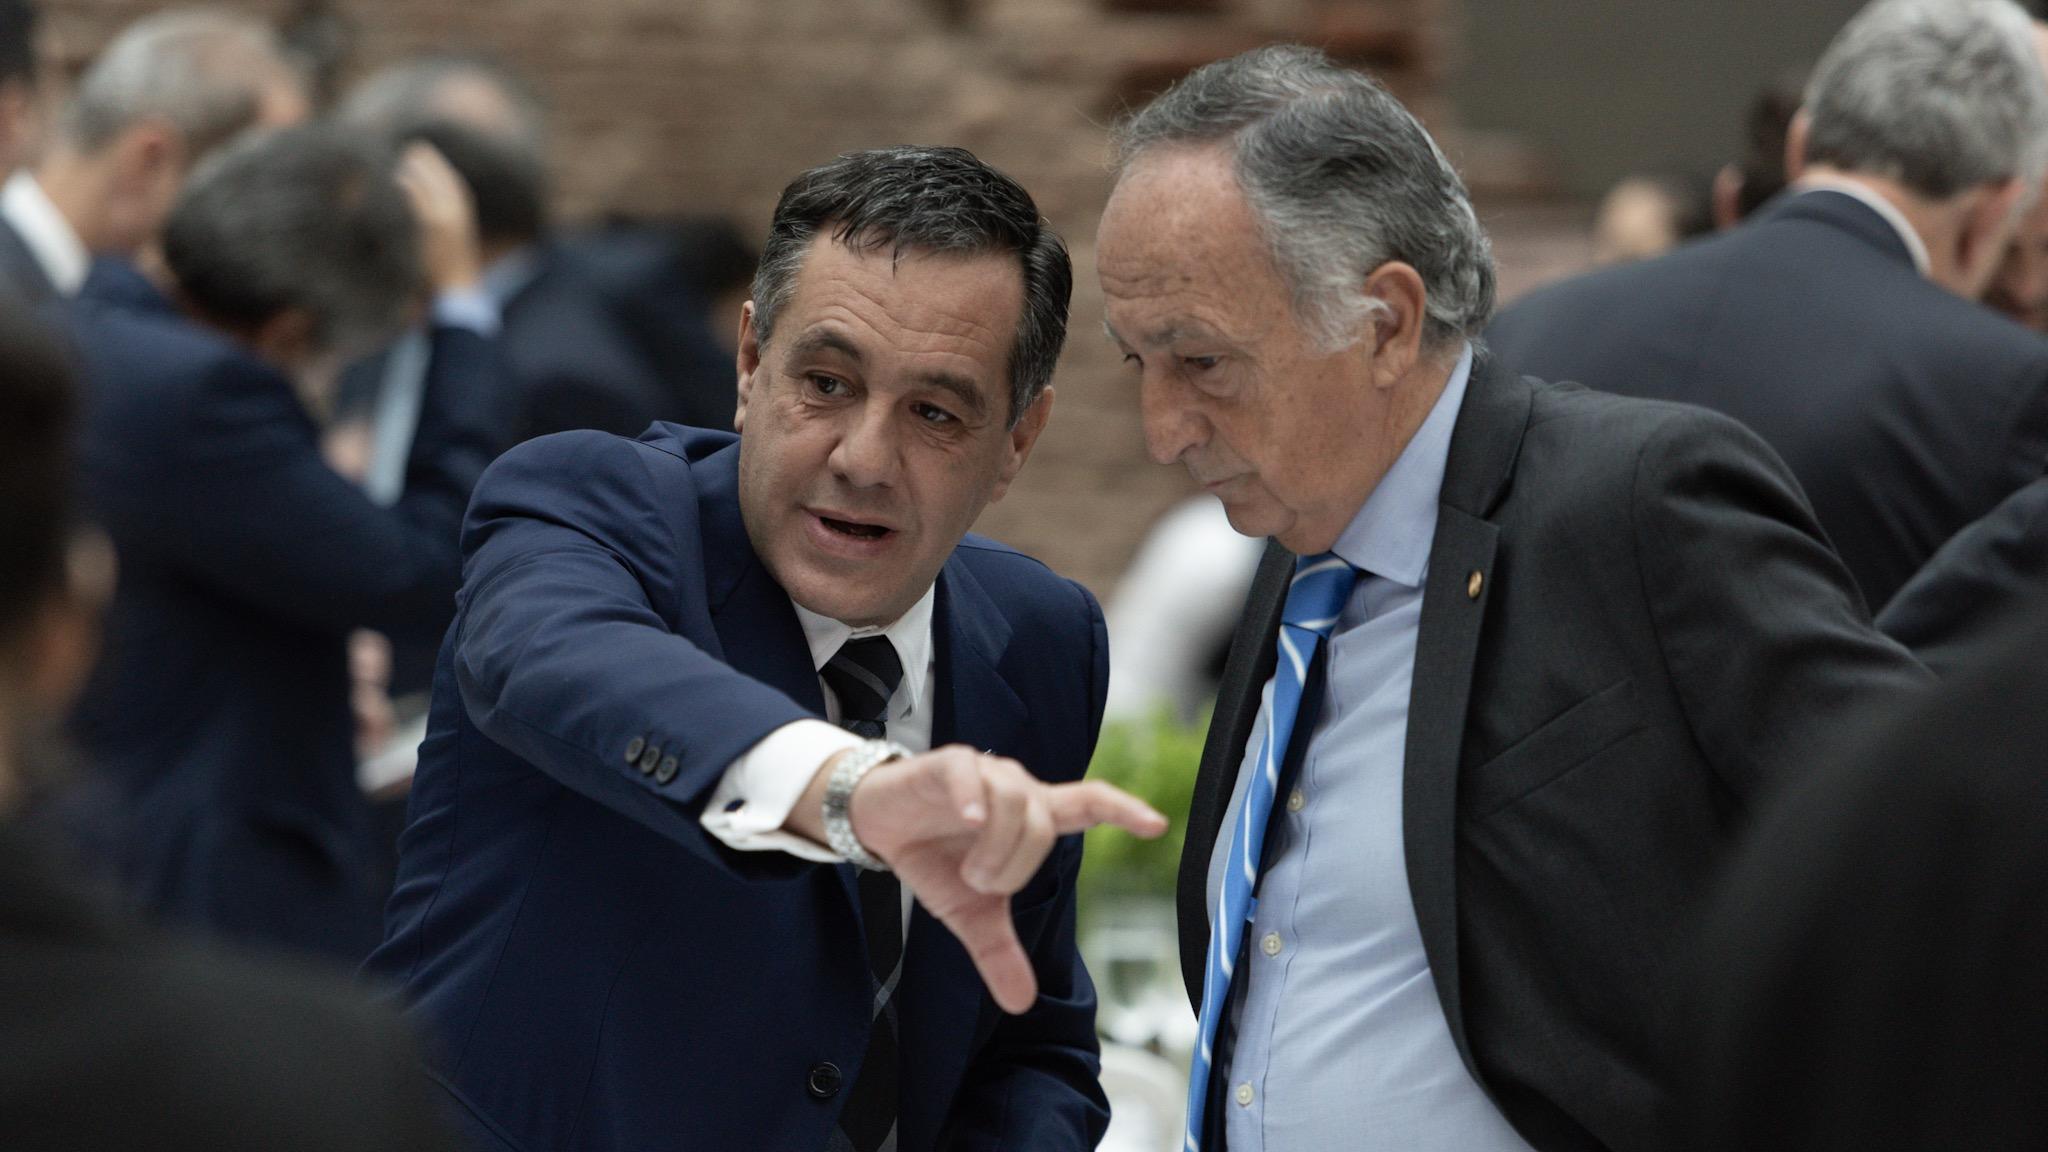 El ministro de Educación Alejandro Finocchiaro con el titular de la UIA Miguel Acevedo